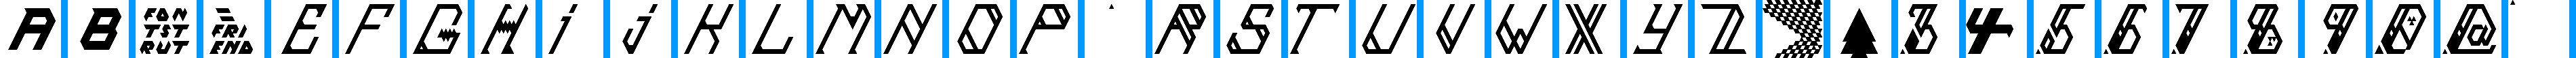 Particip-a-type v.342